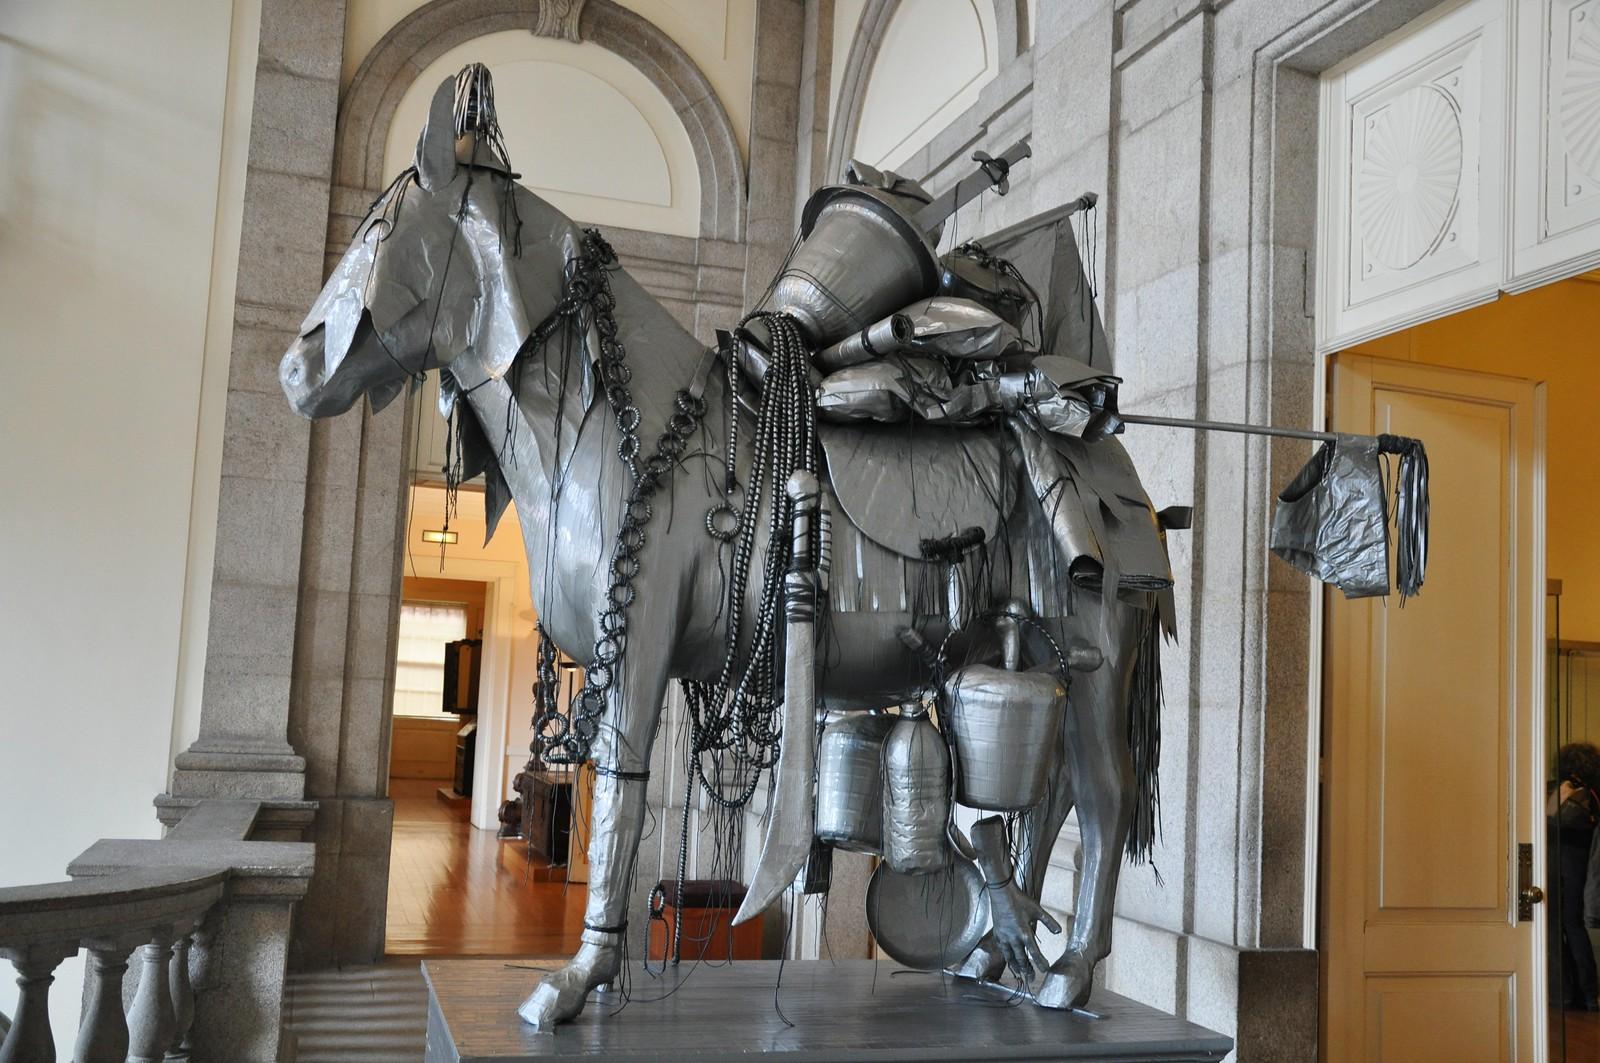 Trip to Porto (Oporto) - Museu Soares dos Reis